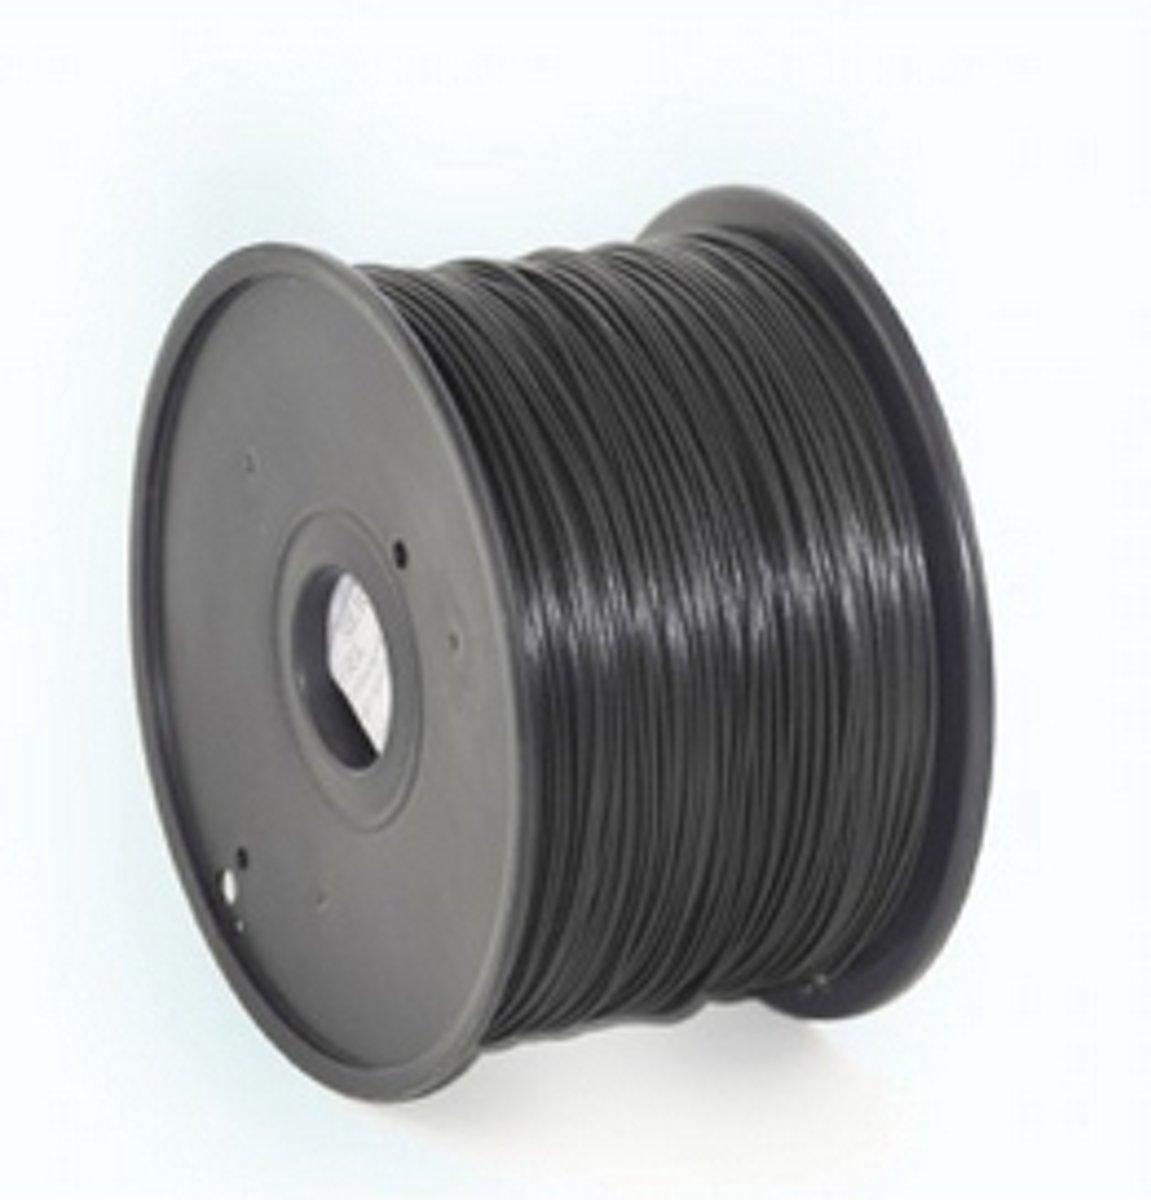 Gembird3 3DP-PLA3-01-BK - Filament PLA, 3 mm, zwart